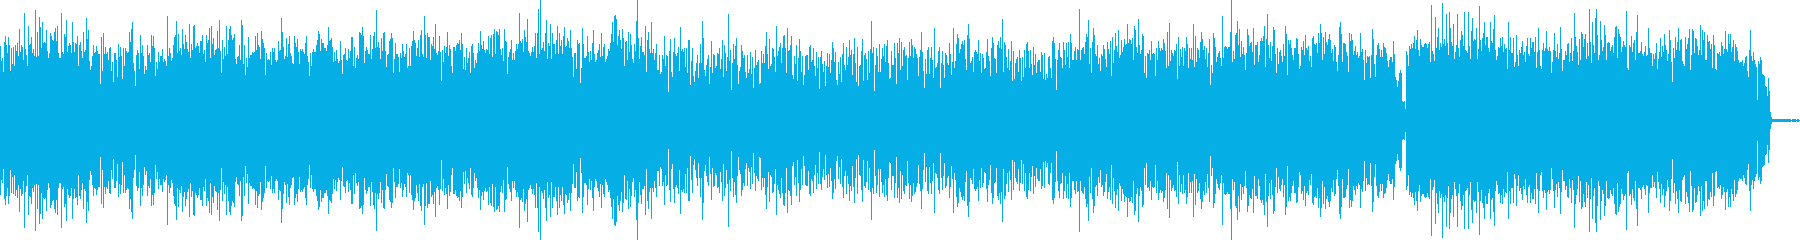 民族音楽風のジャズの再生済みの波形